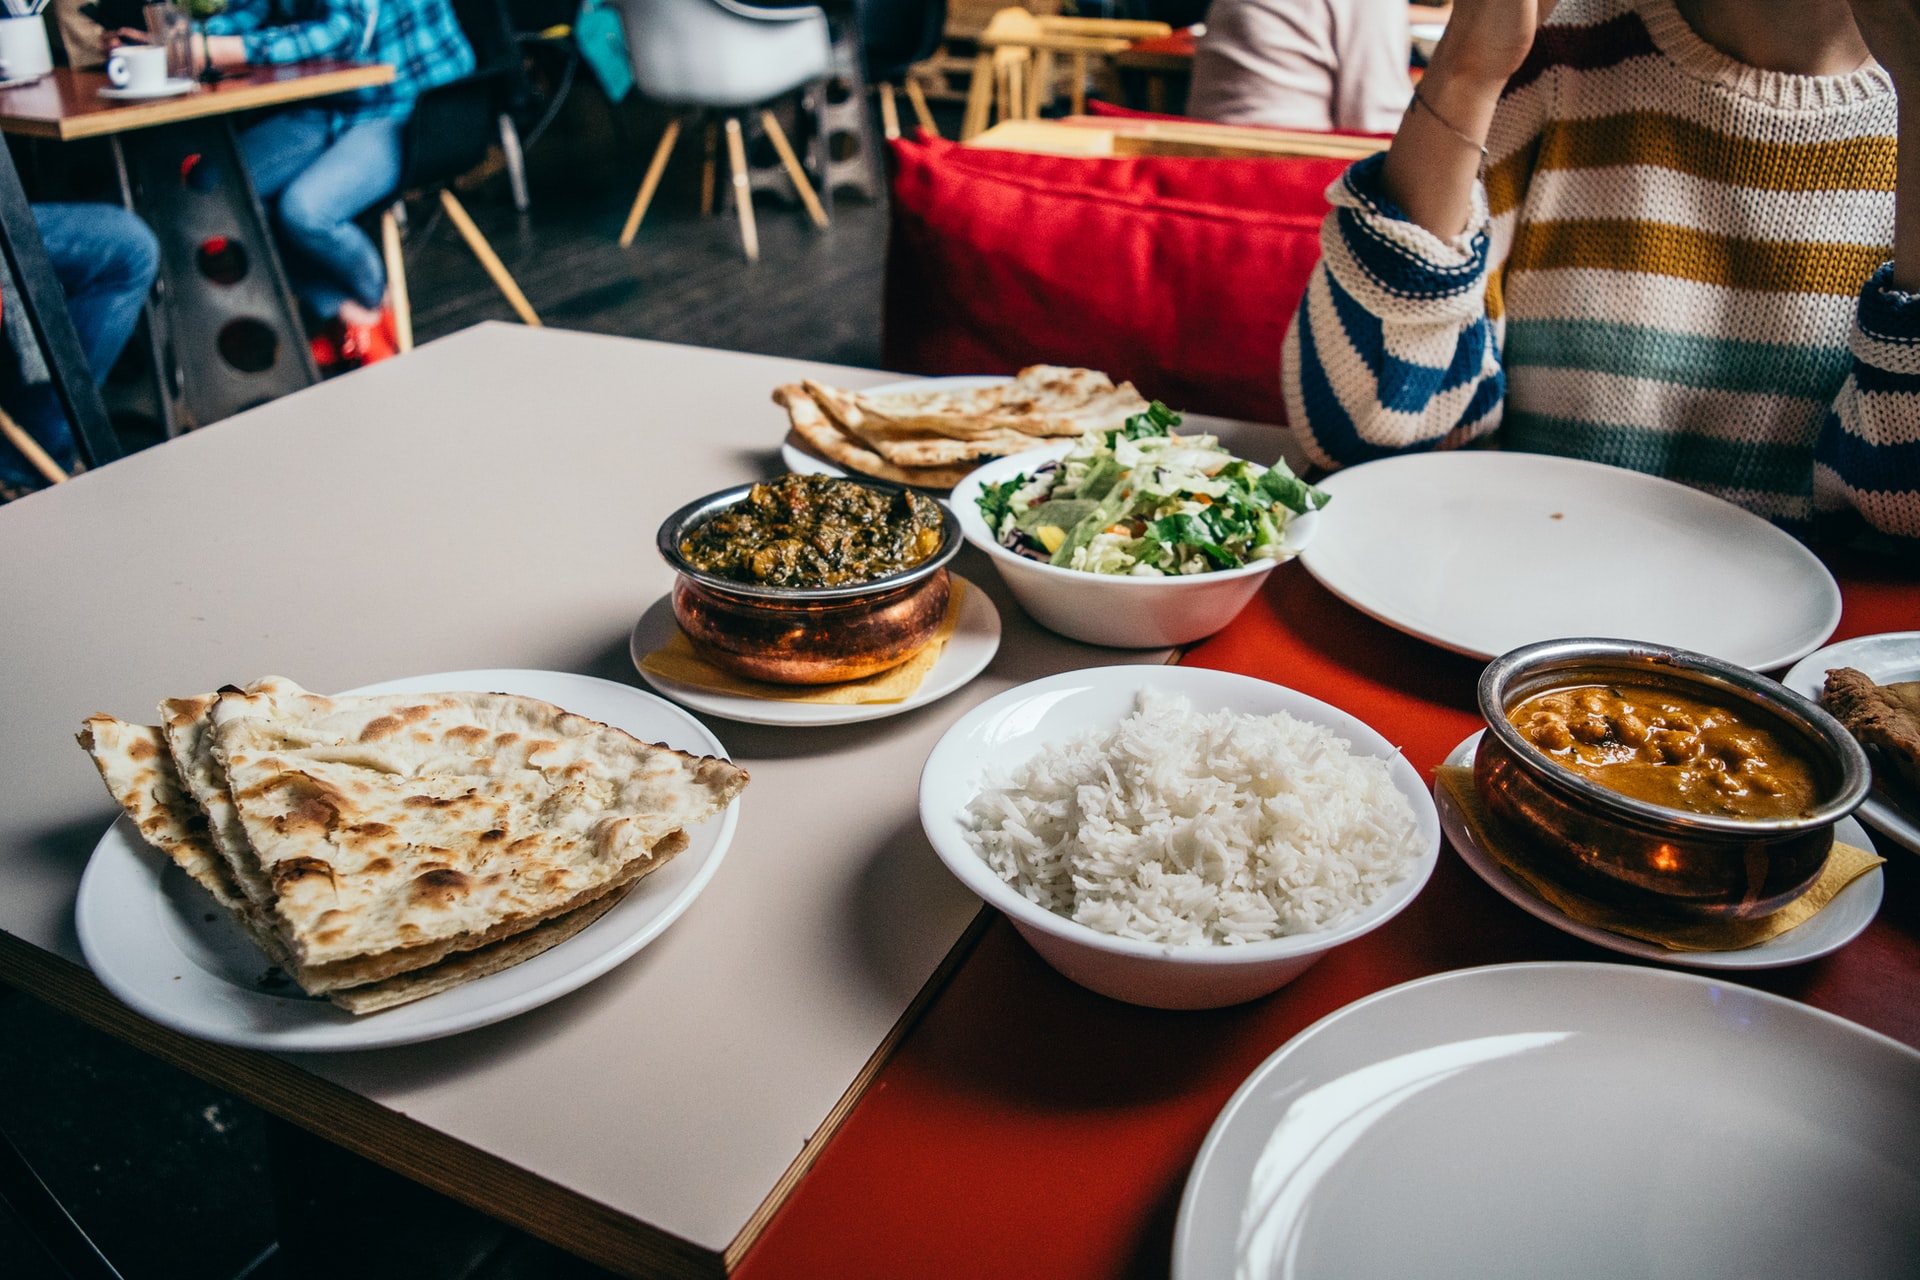 מסעדה הודית